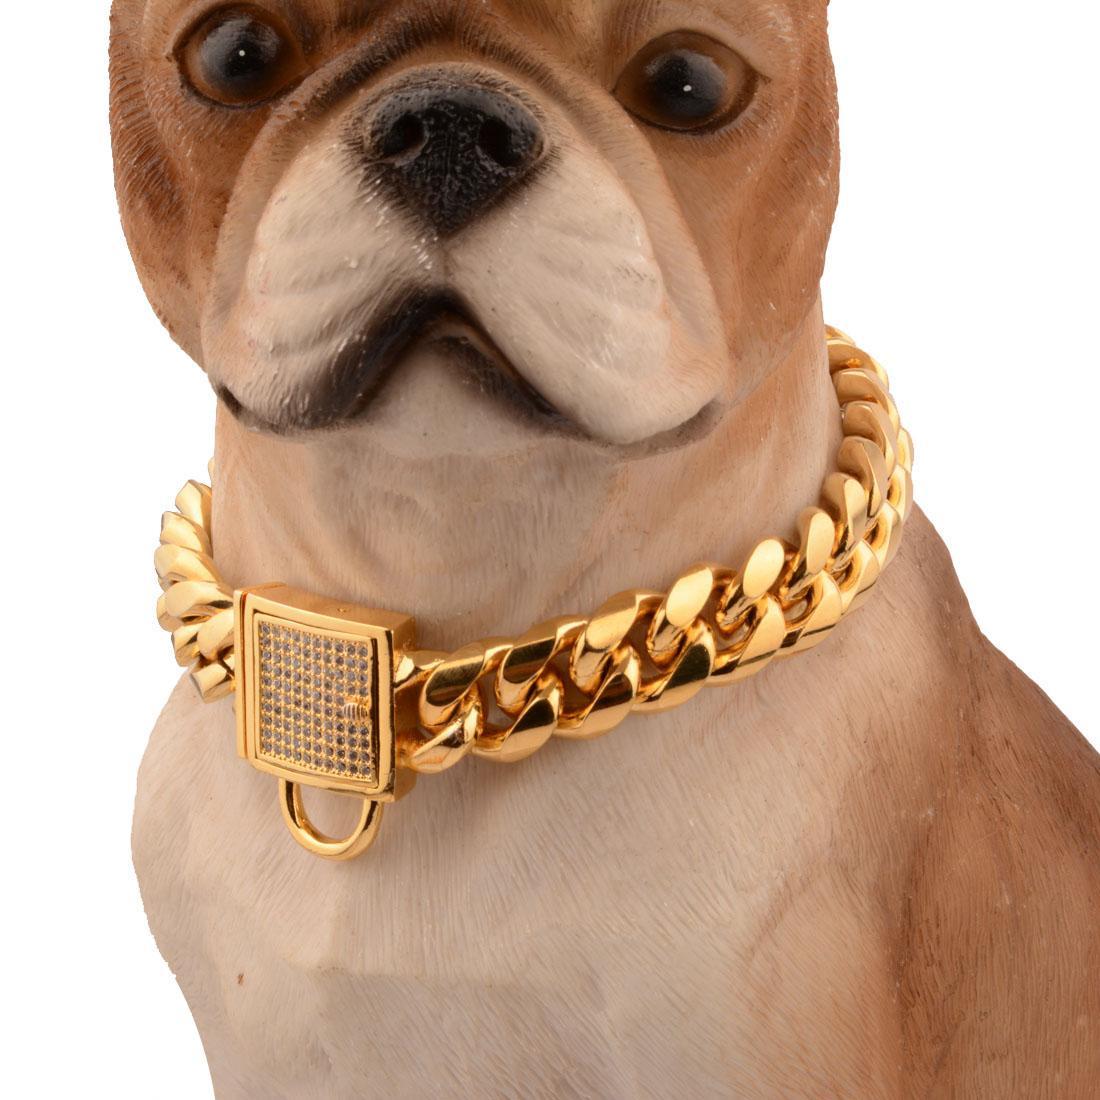 Corrente de Ouro Dog Miami banhado Coleiras Grosso Collar Large Dog Pitull Curb cubana Pet Link Aço Inoxidável Pet Shop 10 ~ 32 polegadas